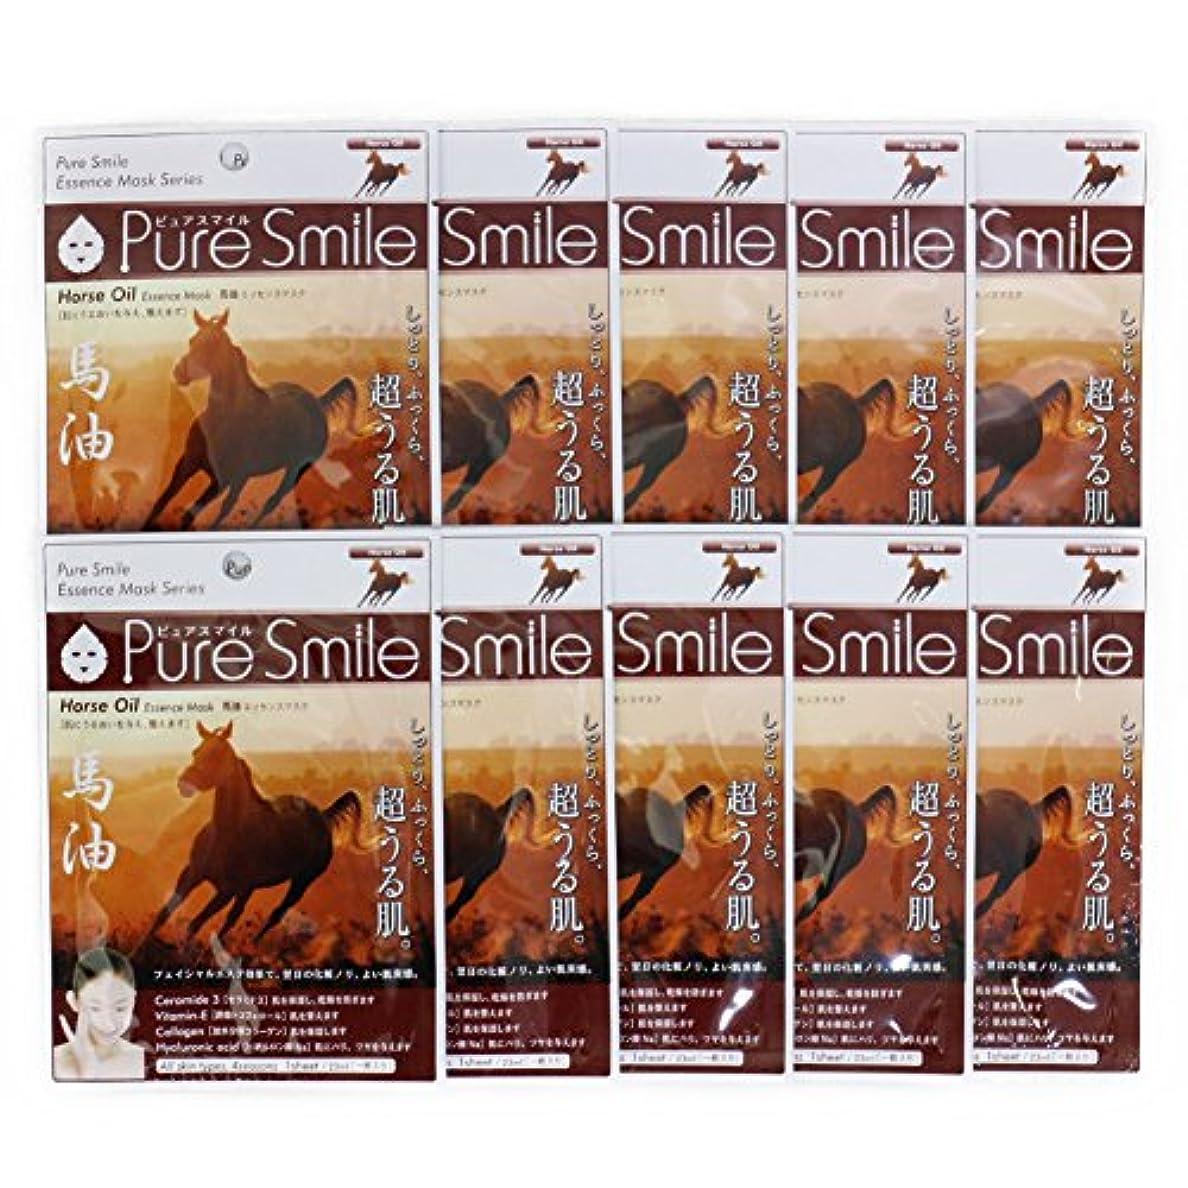 けん引娯楽株式会社Pure Smile ピュアスマイル エッセンスマスク 馬油 10枚セット